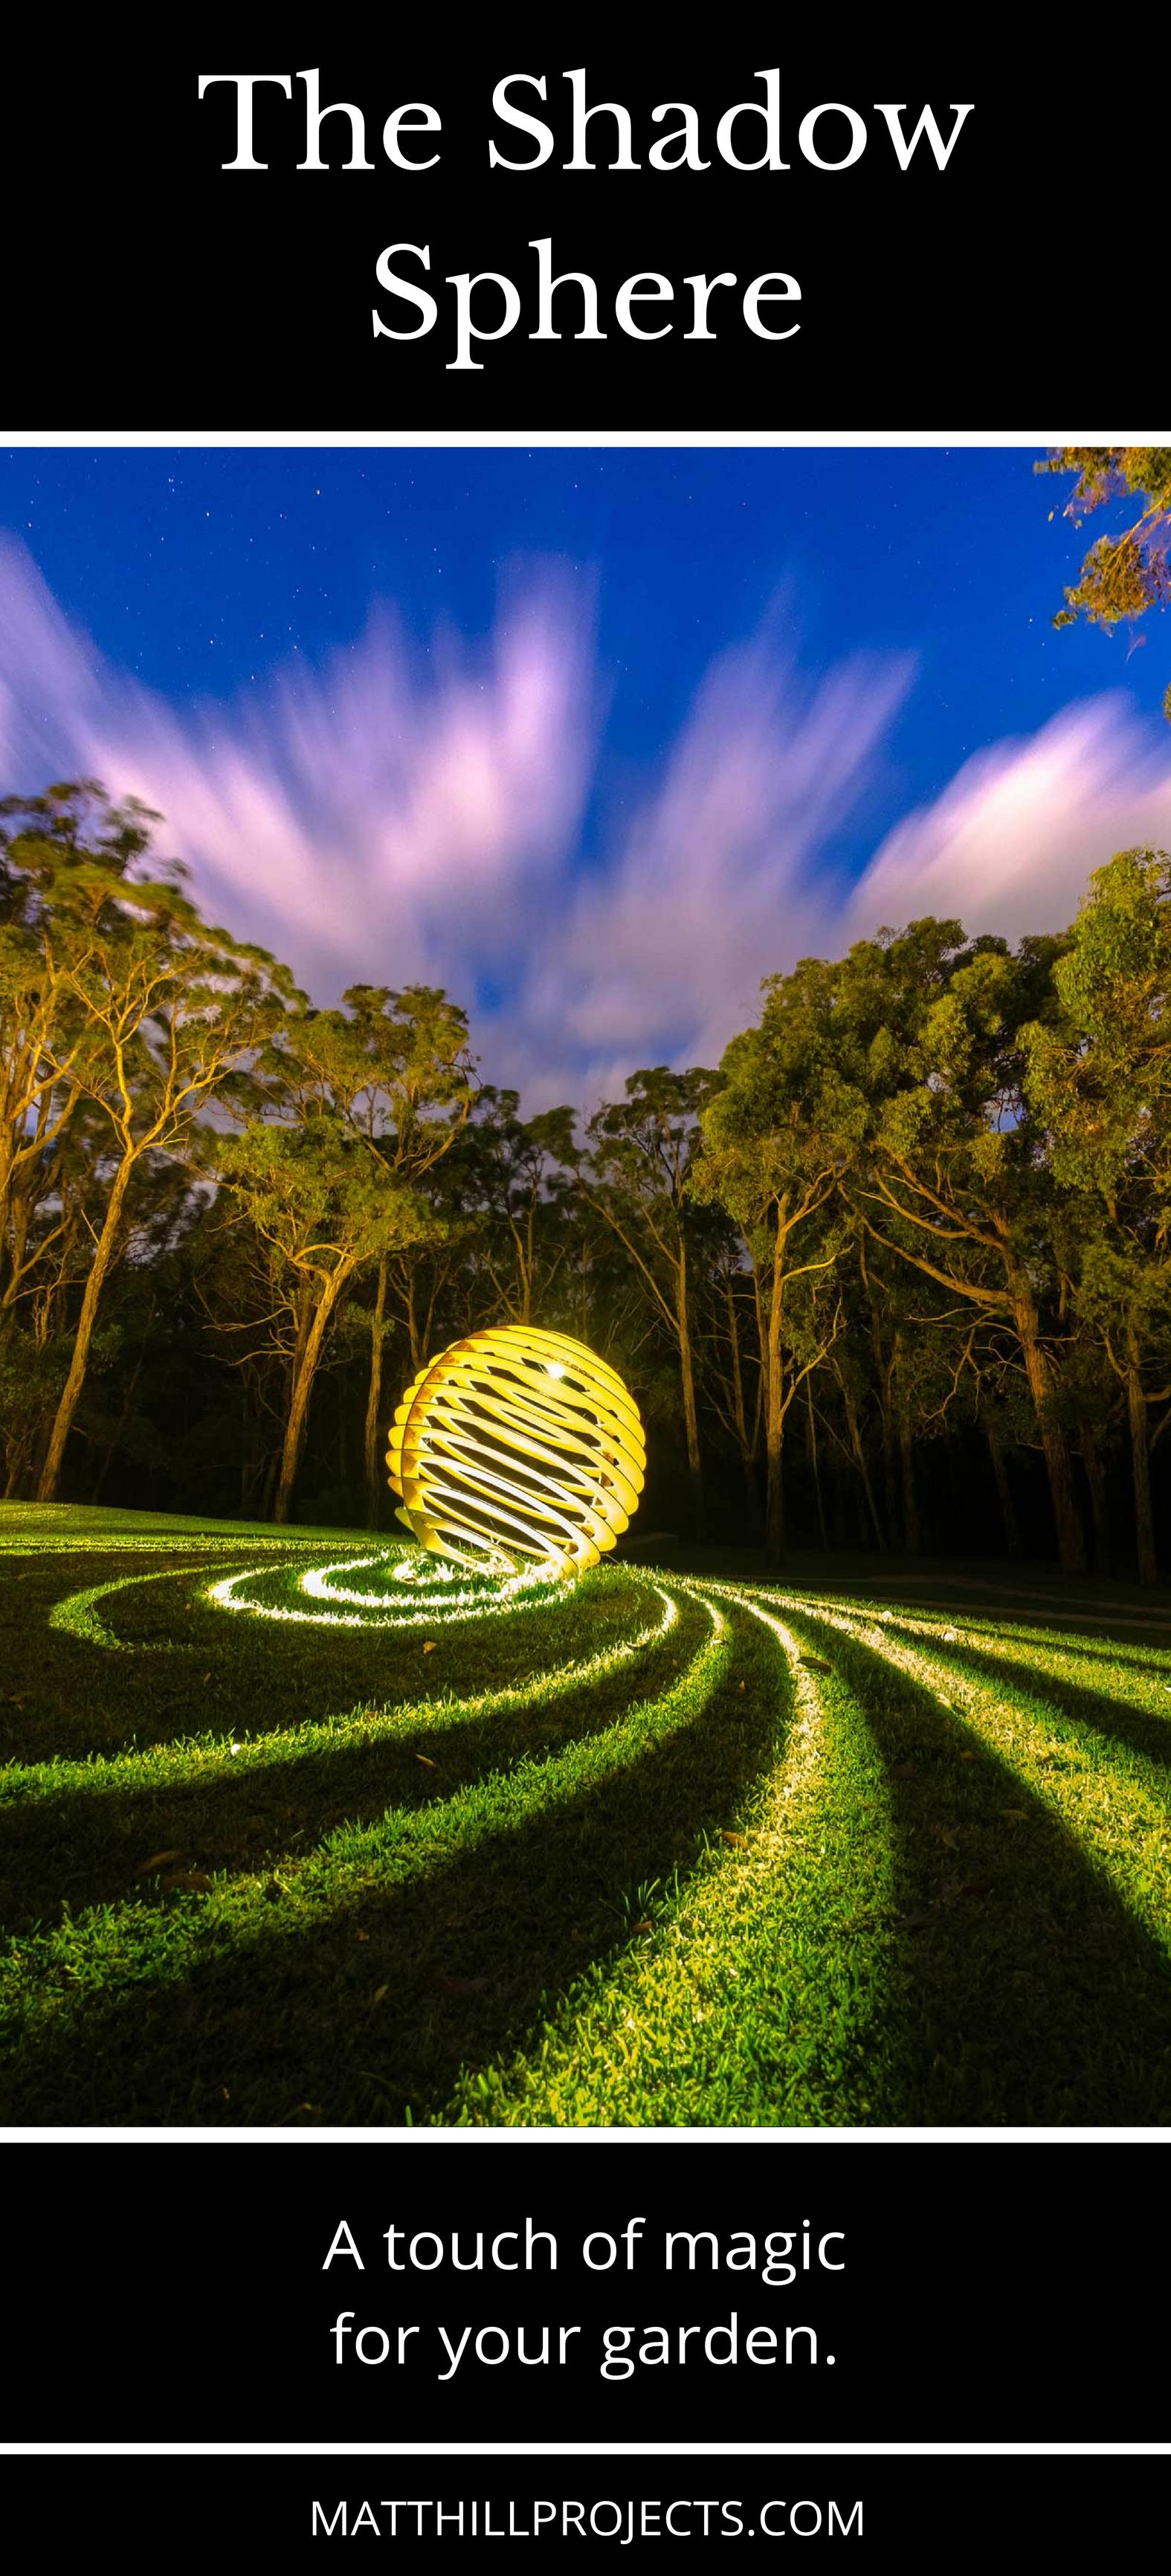 Garden Ideas Garden Art Art Design Metal Sculpture Outdoor Sculpture Outdoor Lighting Sphere Sculpture Sadovye Skulptury Ozelenenie Abstraktnoe